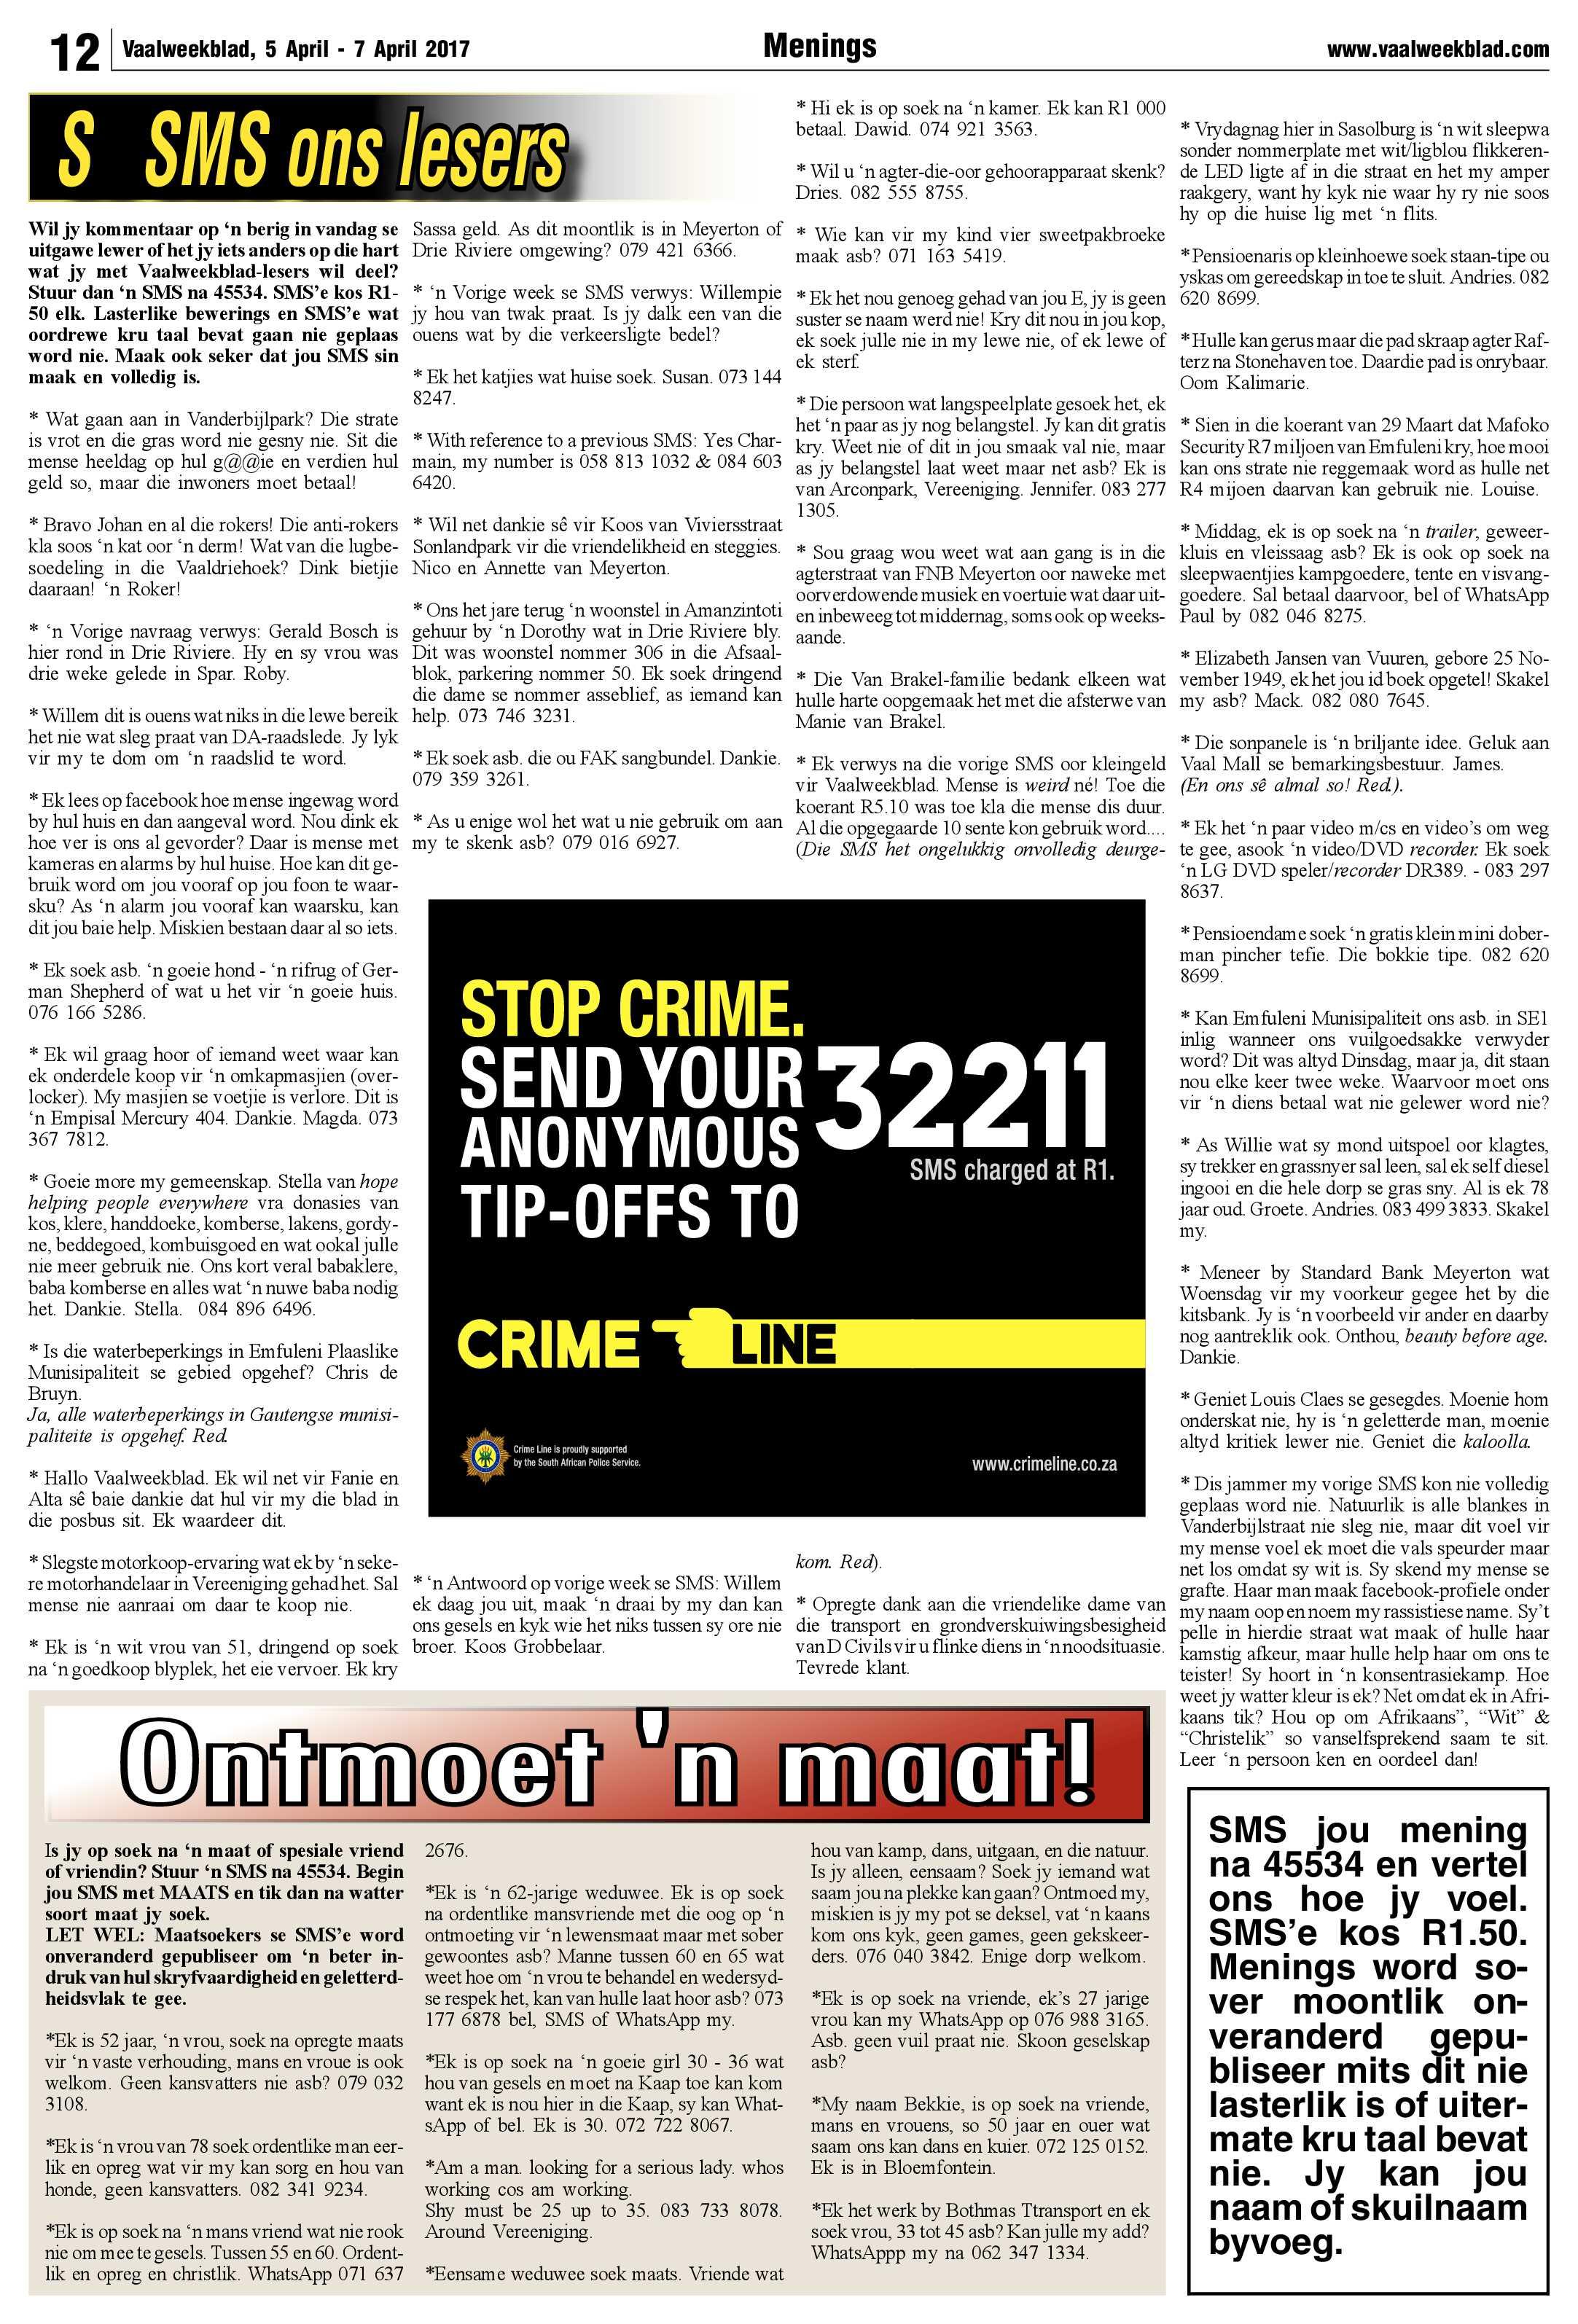 vaalweekblad-5-7-april-2017-2-epapers-page-12